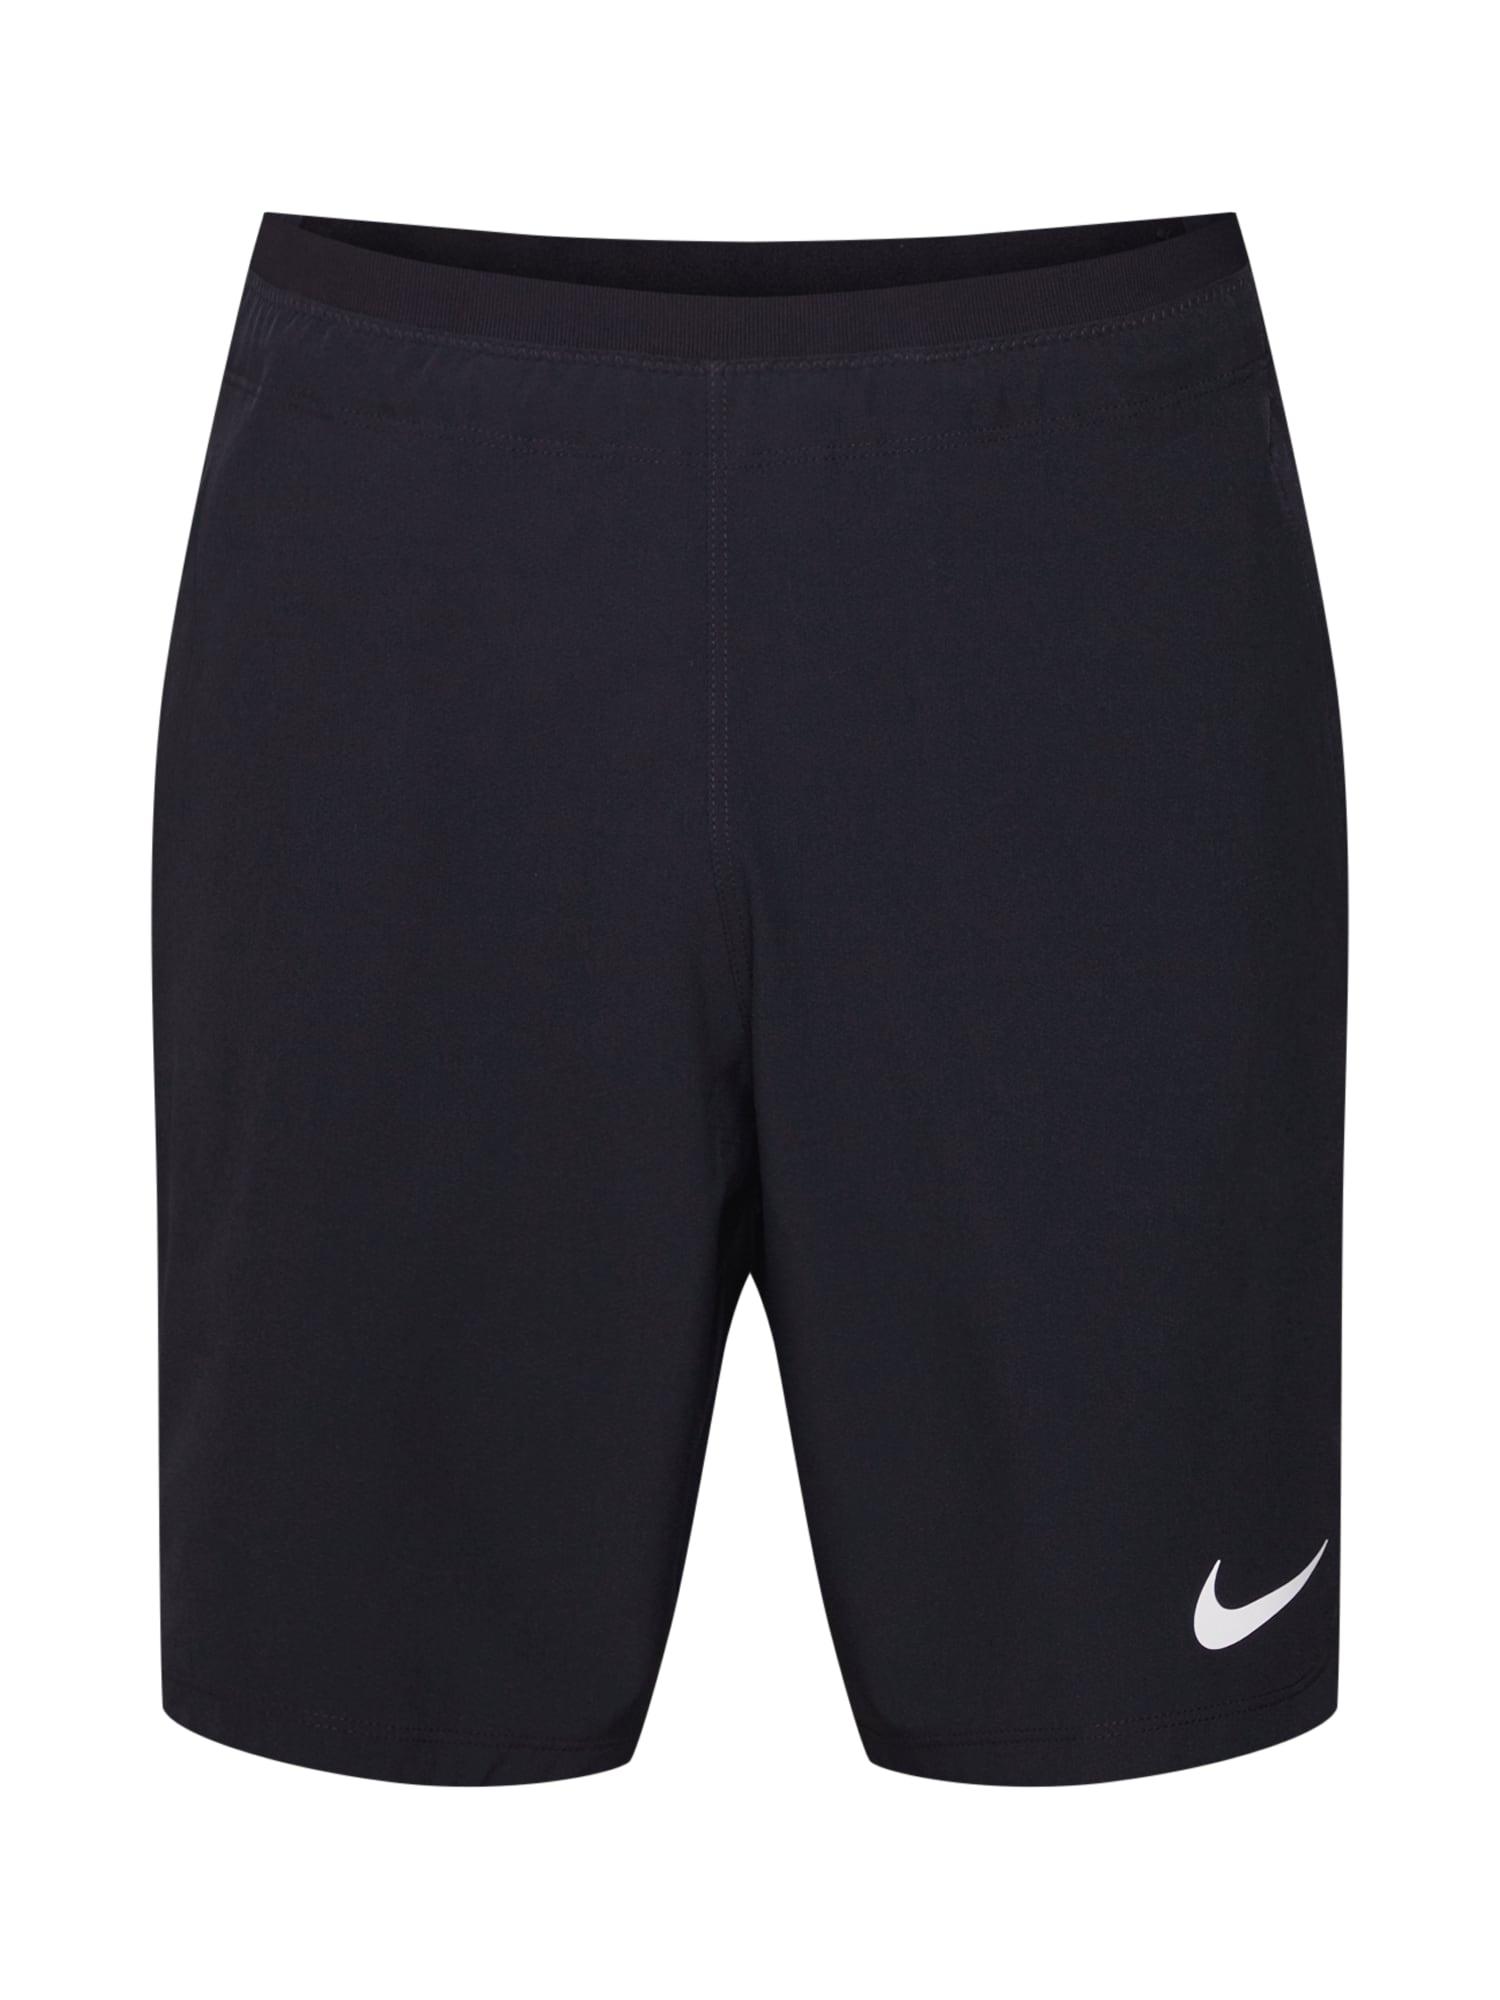 NIKE Sportinės kelnės 'M NP FLEX REPEL NPC' juoda